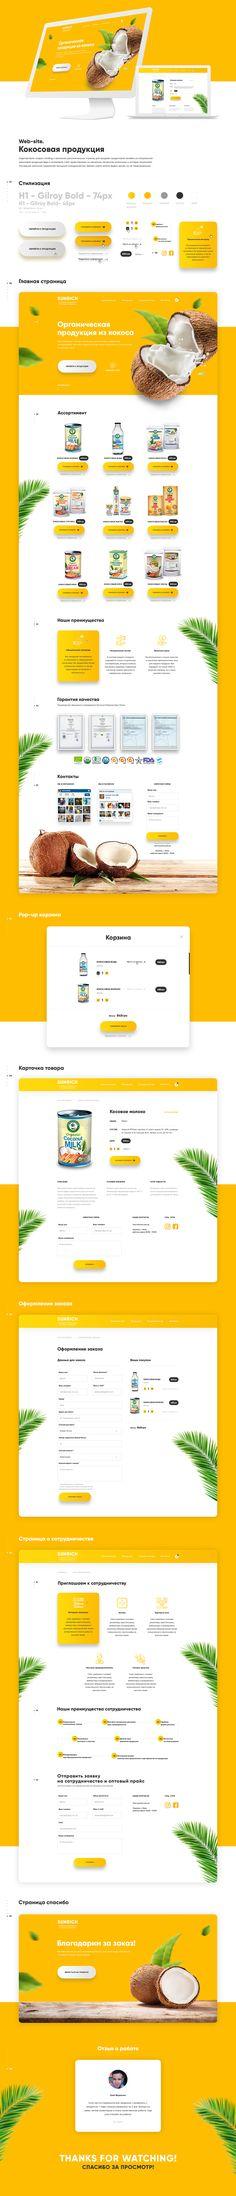 Web-site for salling coconut production.--Веб-сайт для продажи кокосовой продукции.